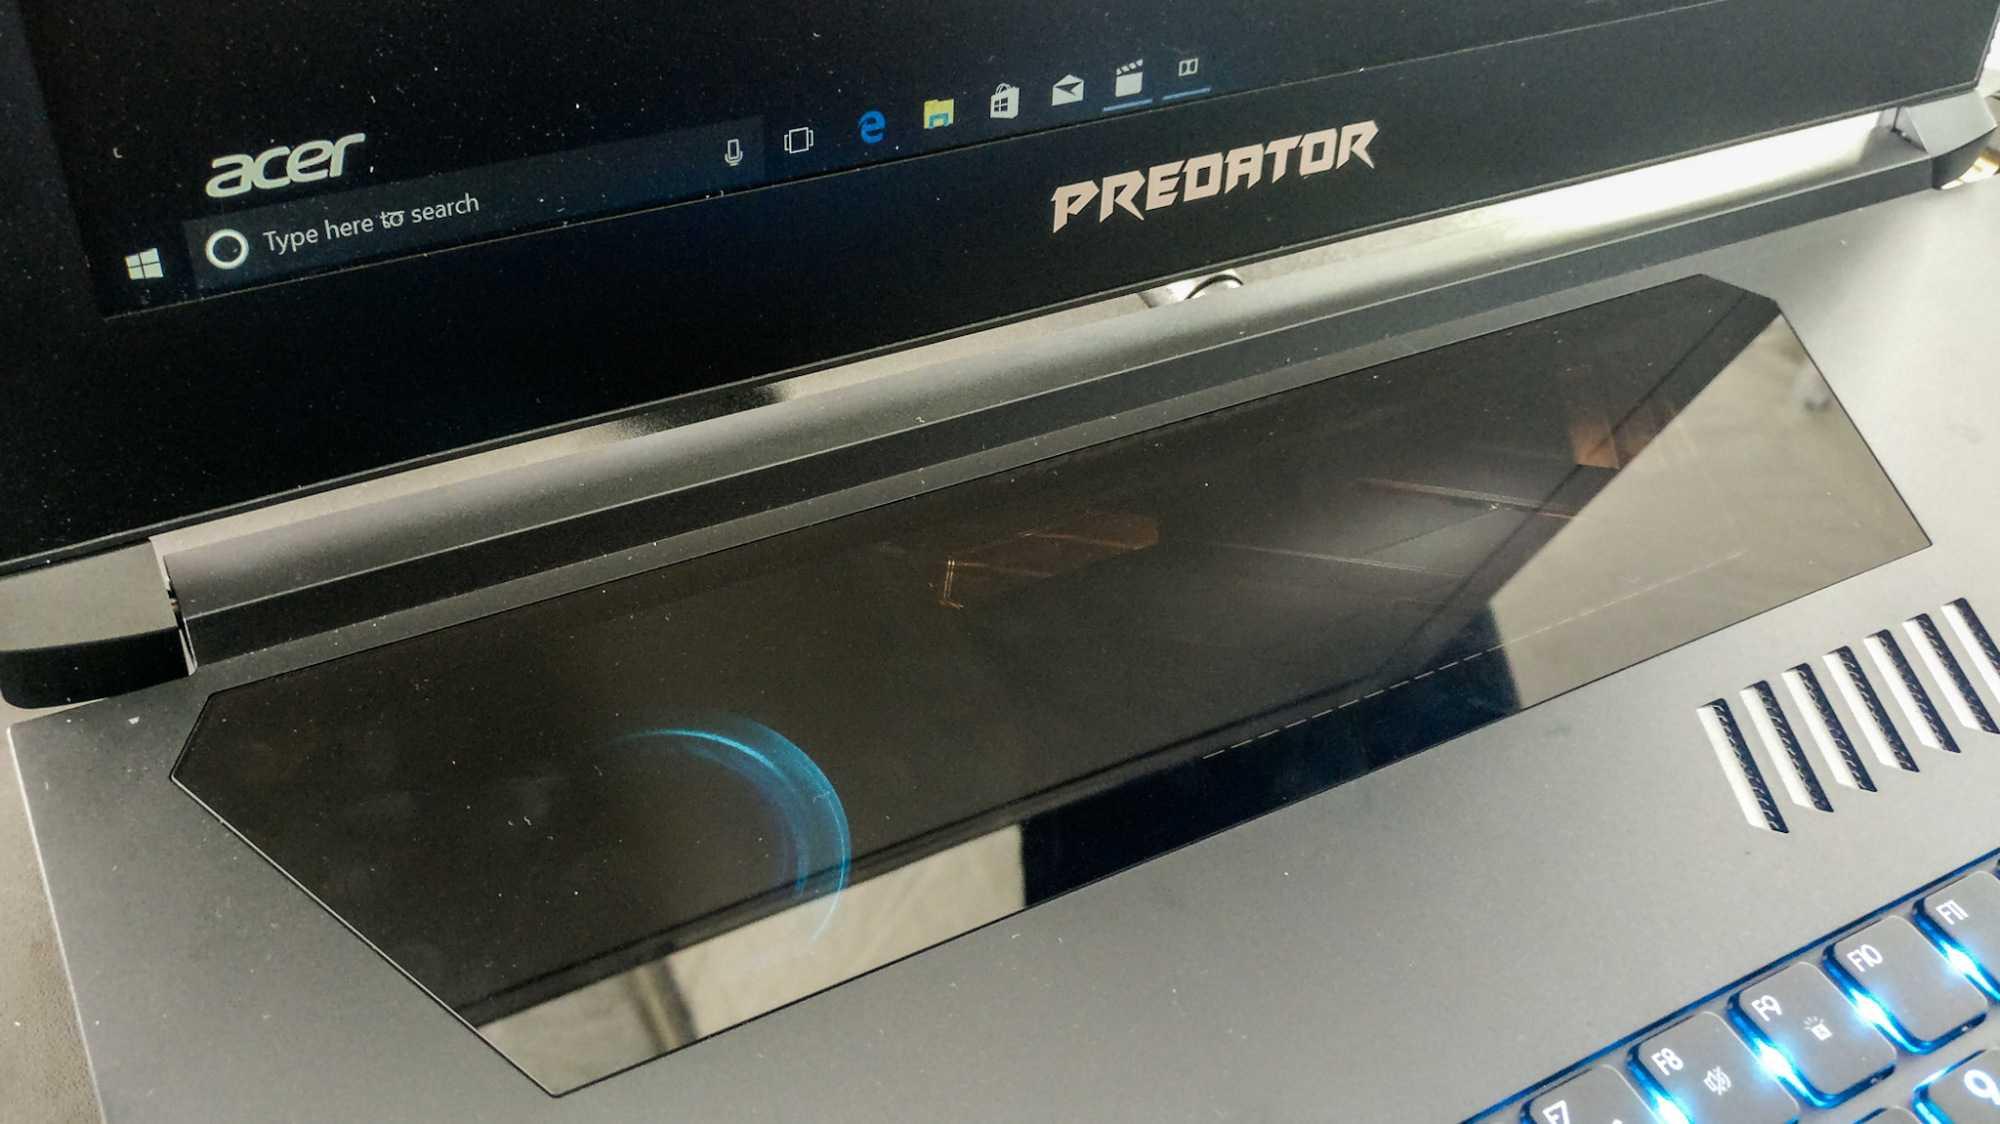 Nur ein mittlerer, trapezförmiger Bereich der Abdeckung dient als Touchpad, markiert durch eine gestrichelte Linie.